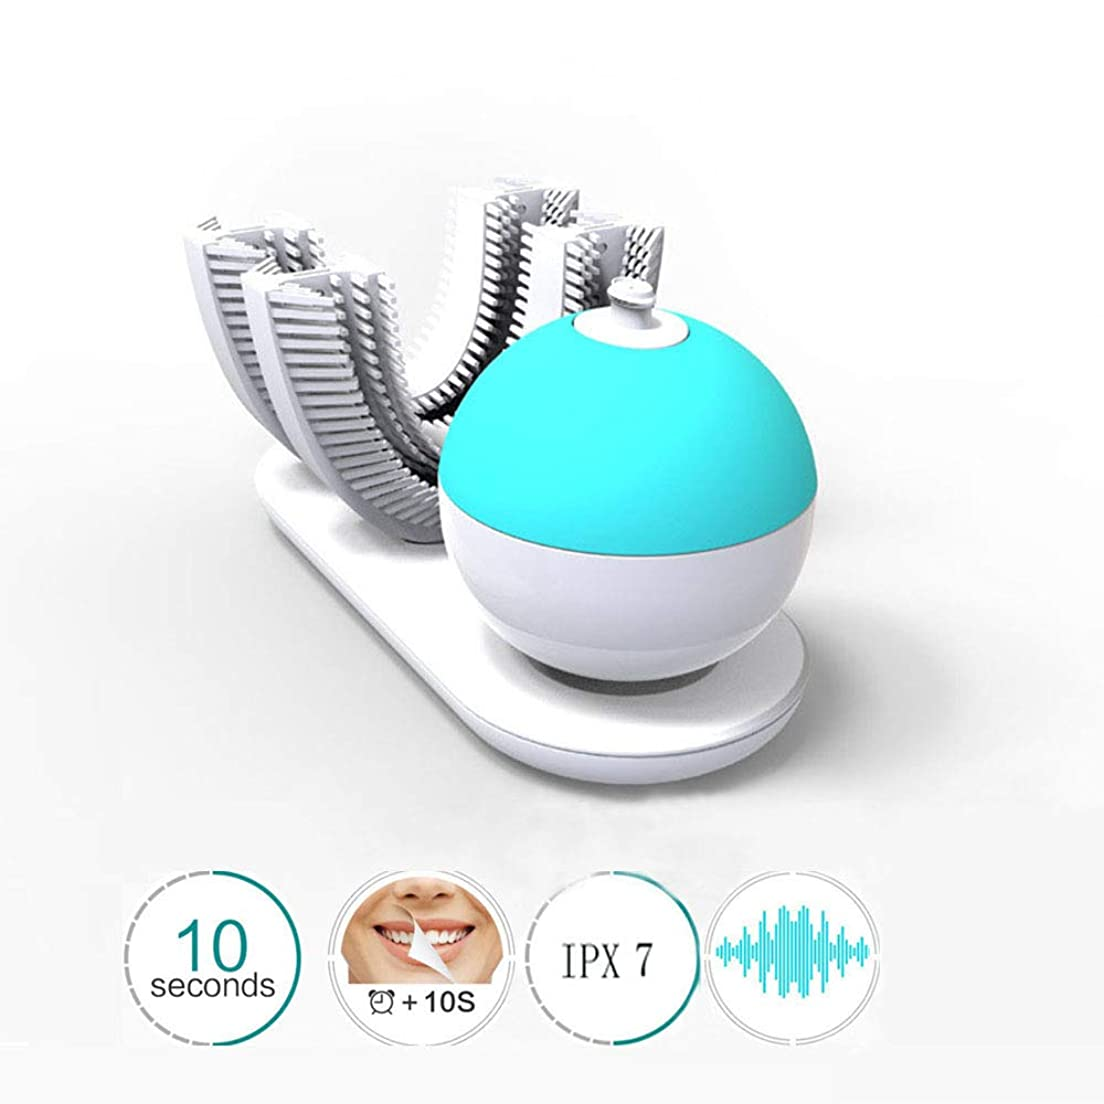 付録フォーカス産地電動歯ブラシ、U字型インテリジェントソニックケア、ワイヤレス充電式防水360°自動電動歯ブラシ